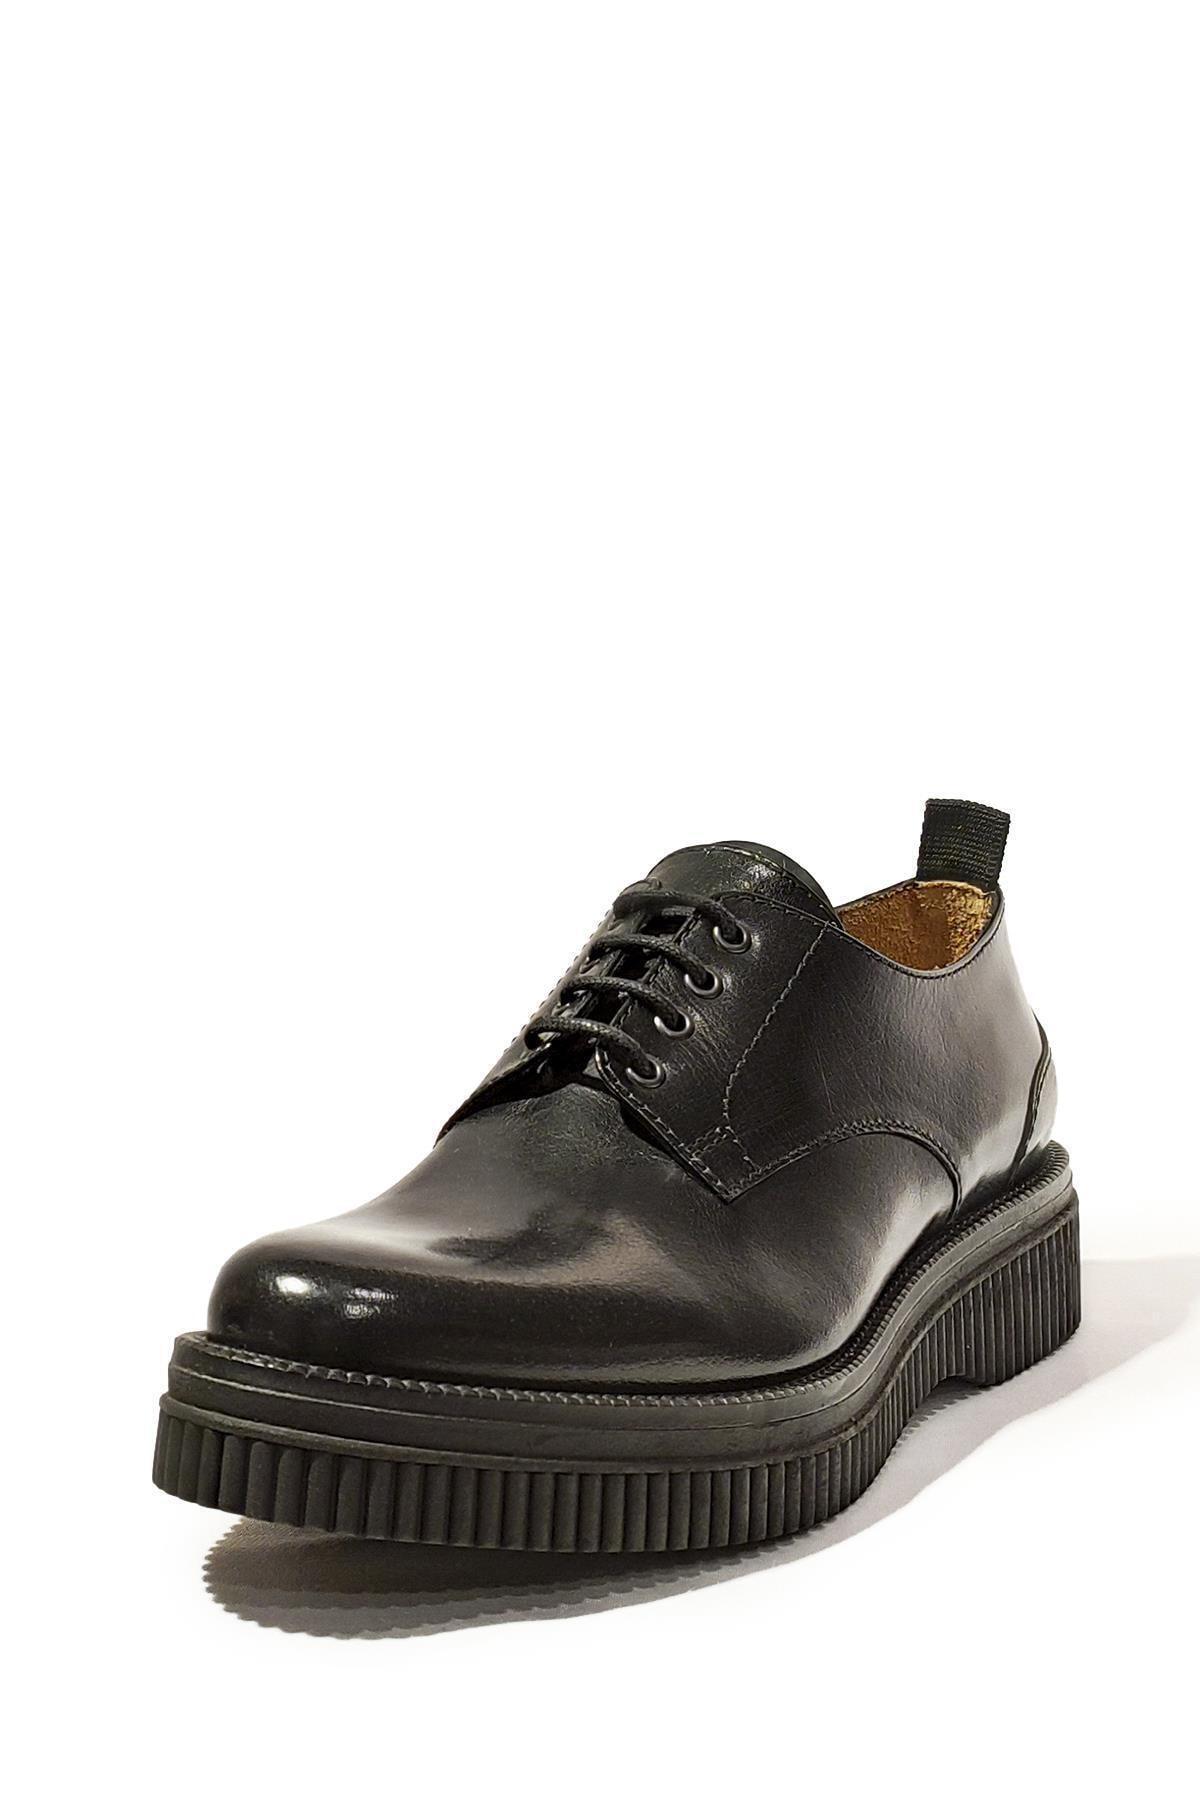 Nursace Hakiki Deri Klasik Ayakkabı Nsc17k-a53861 1